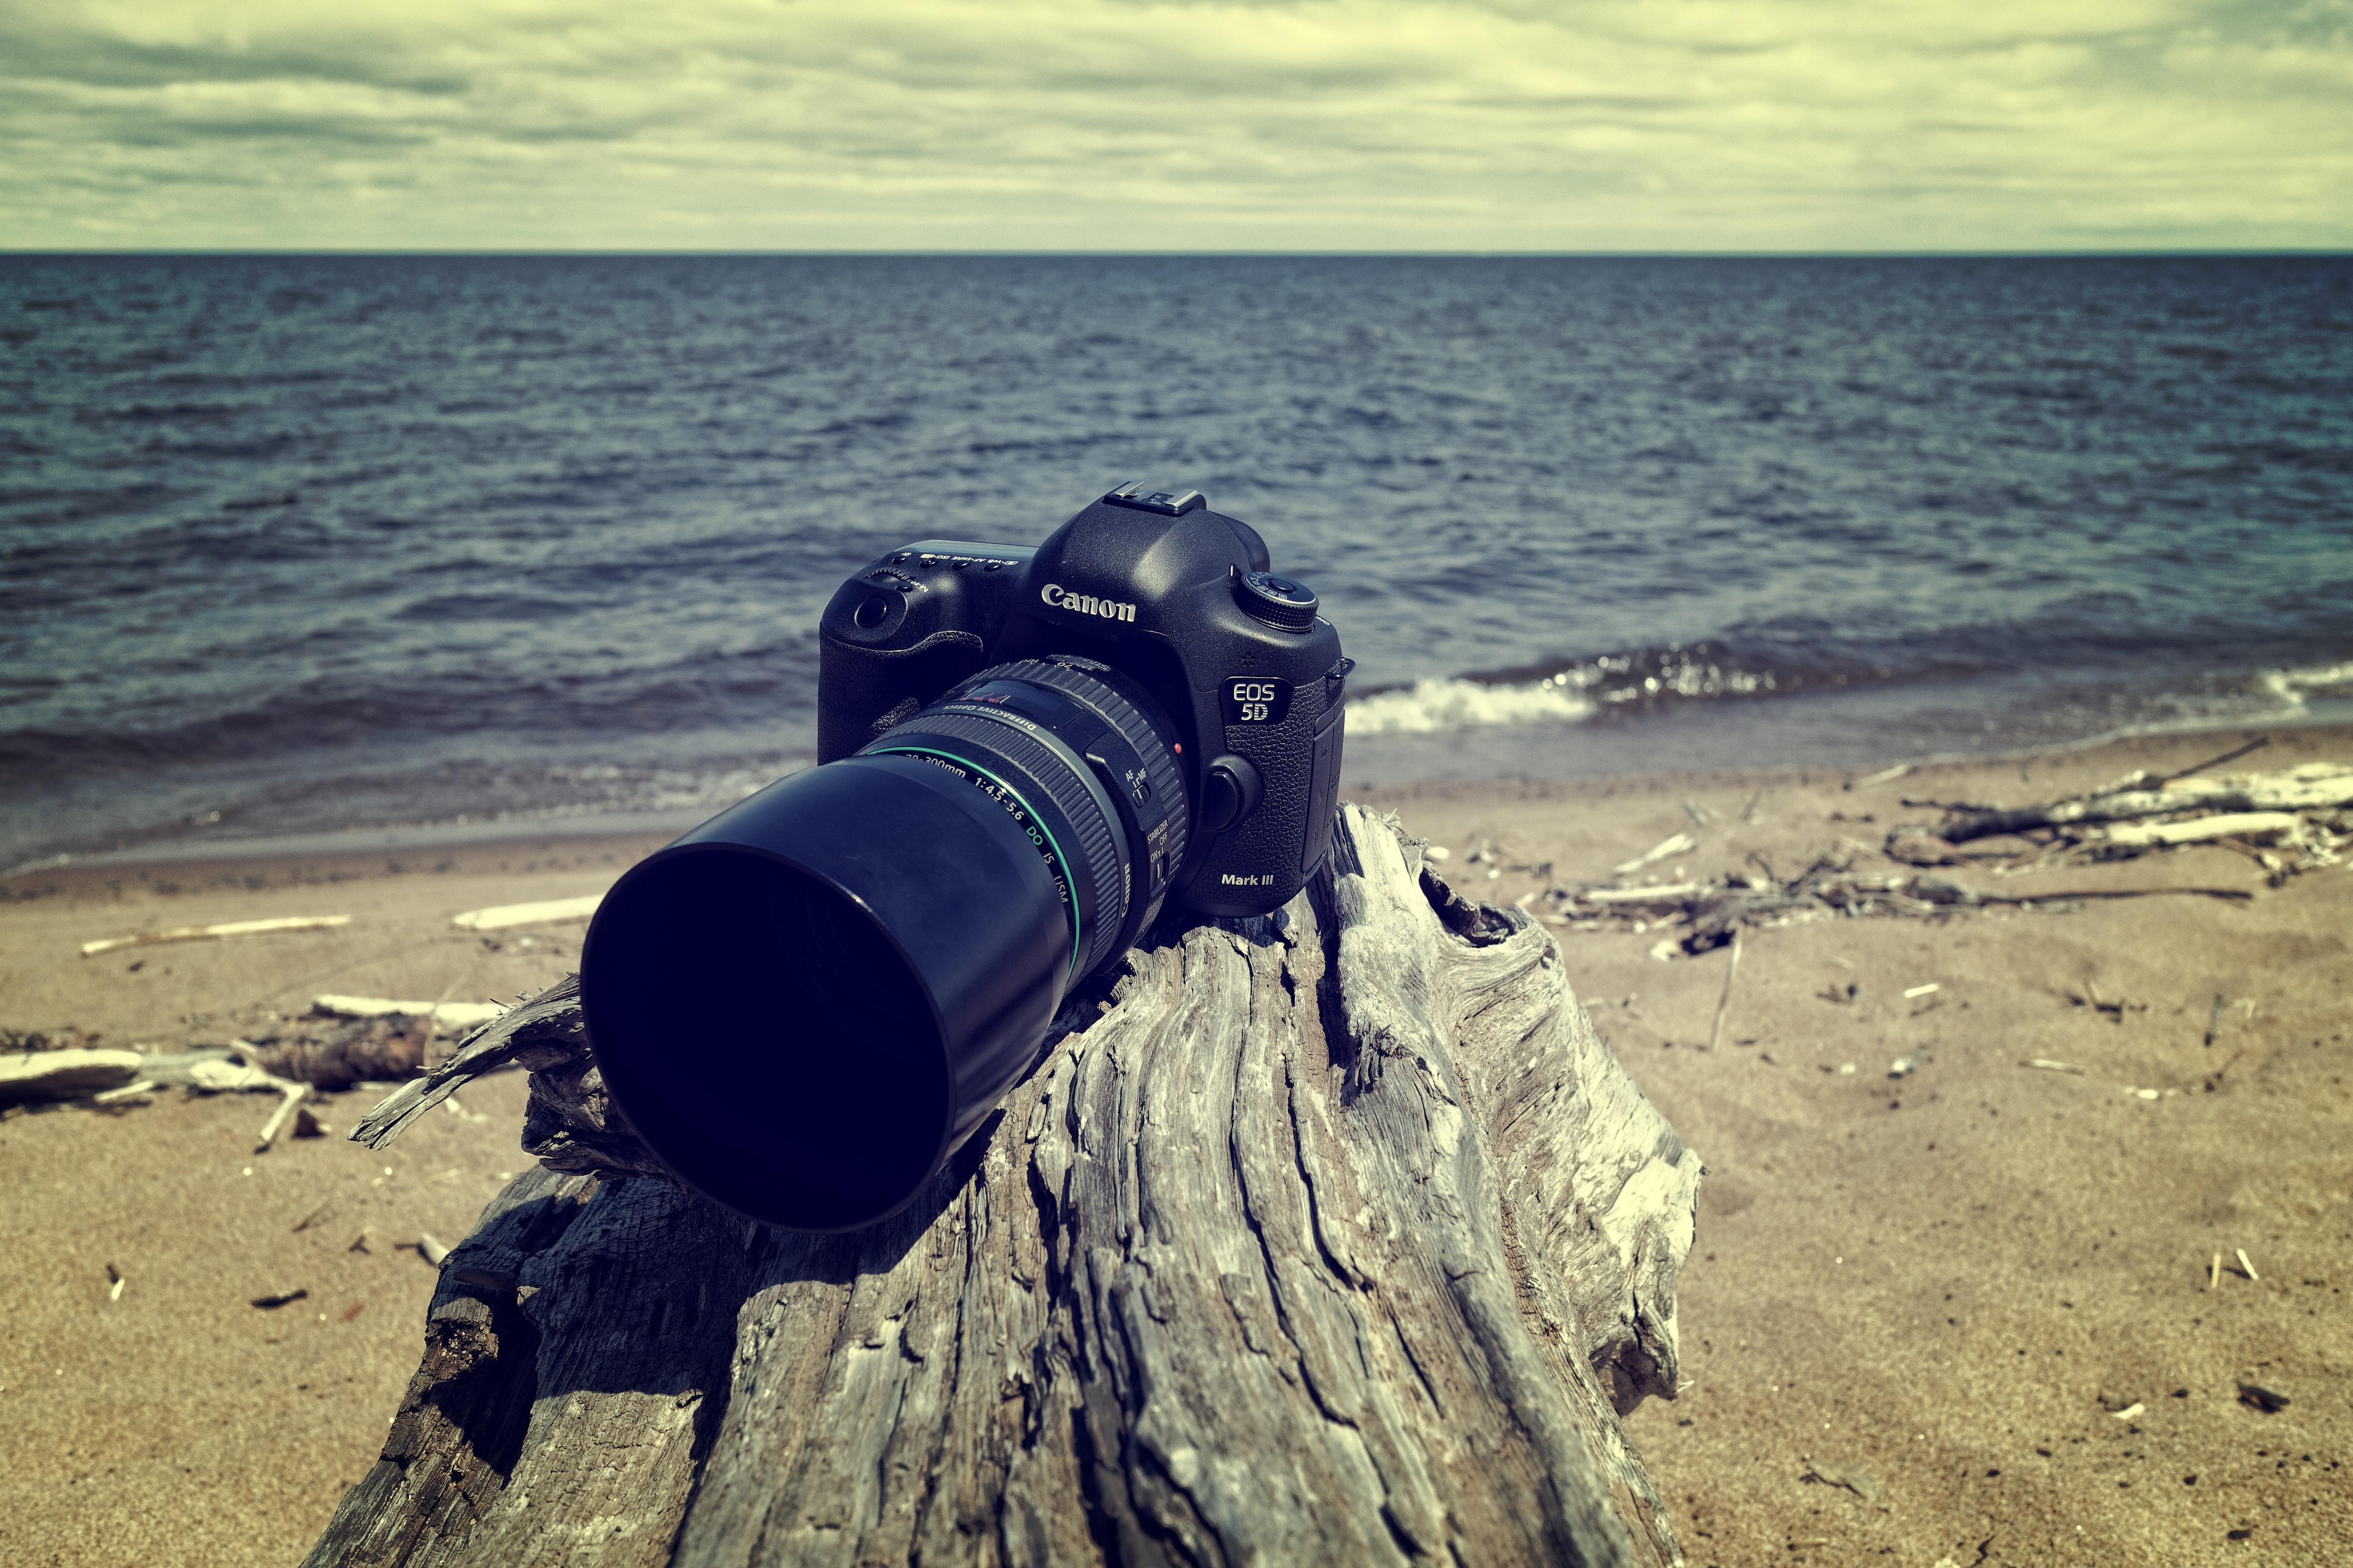 Black canon dslr camera near sea shore photo